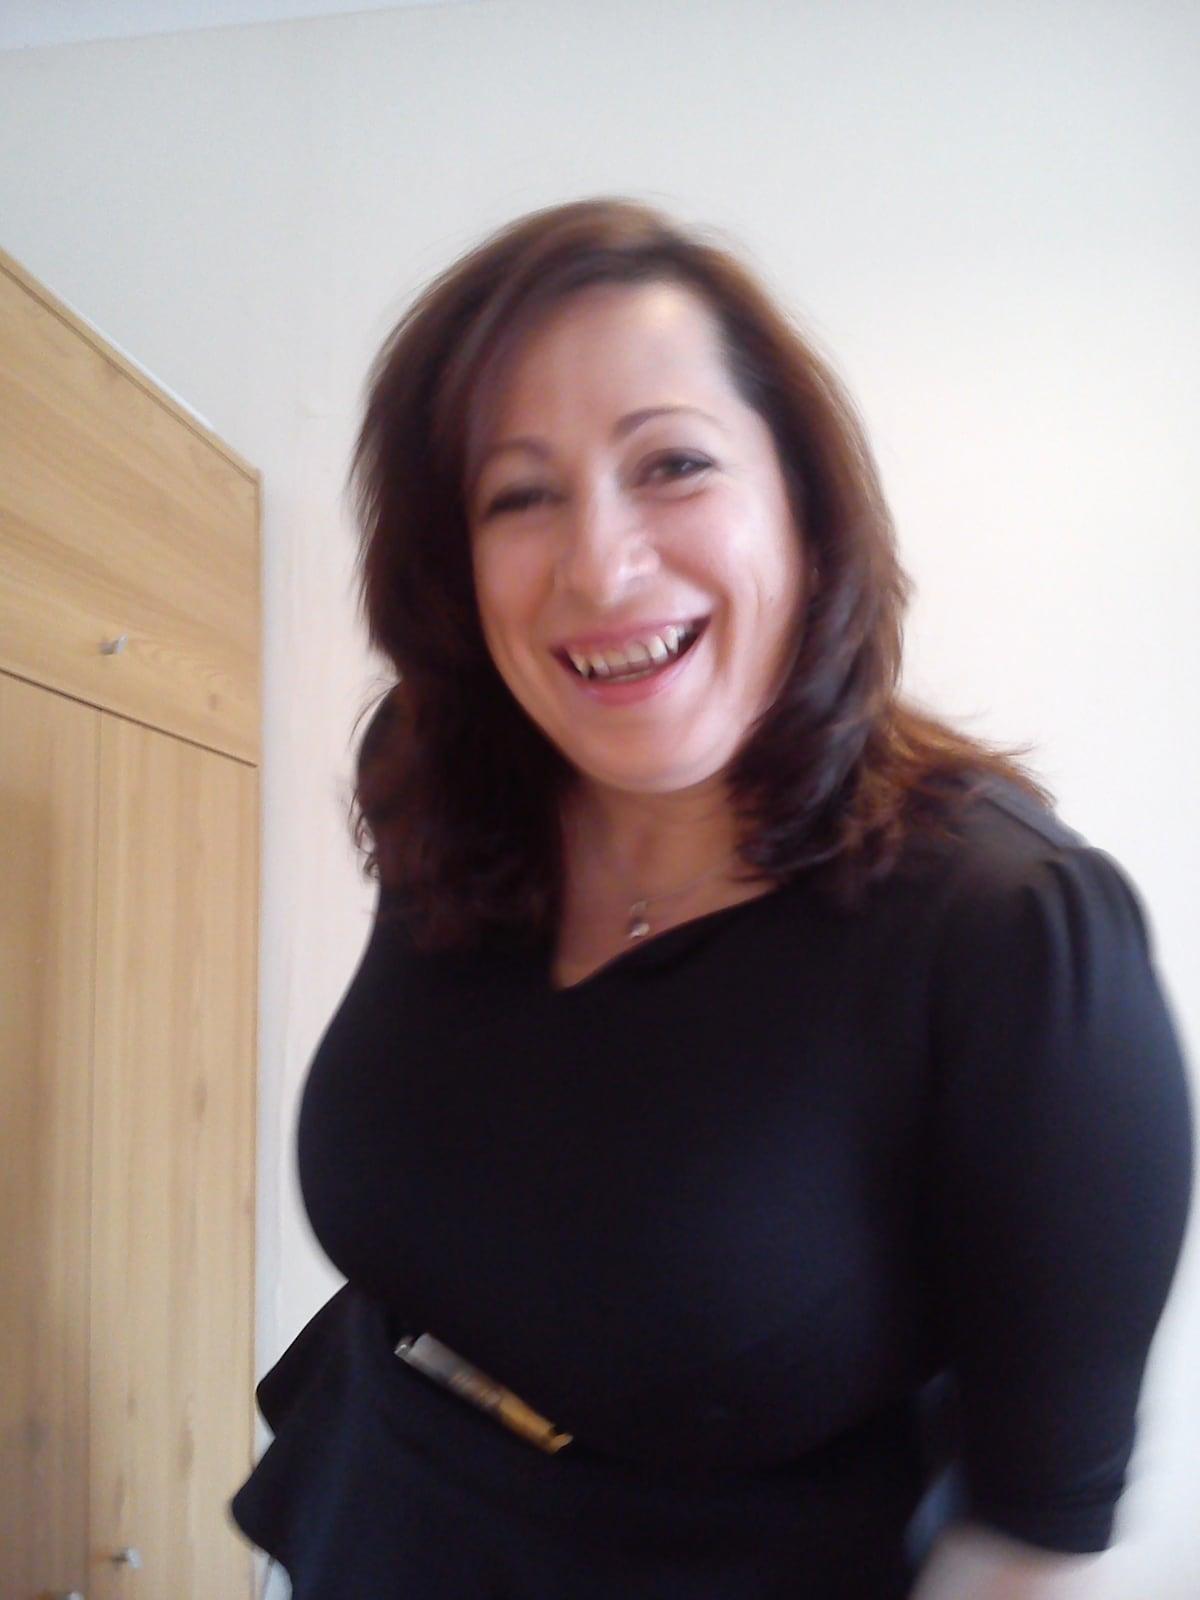 Silvia From Torremolinos, Spain